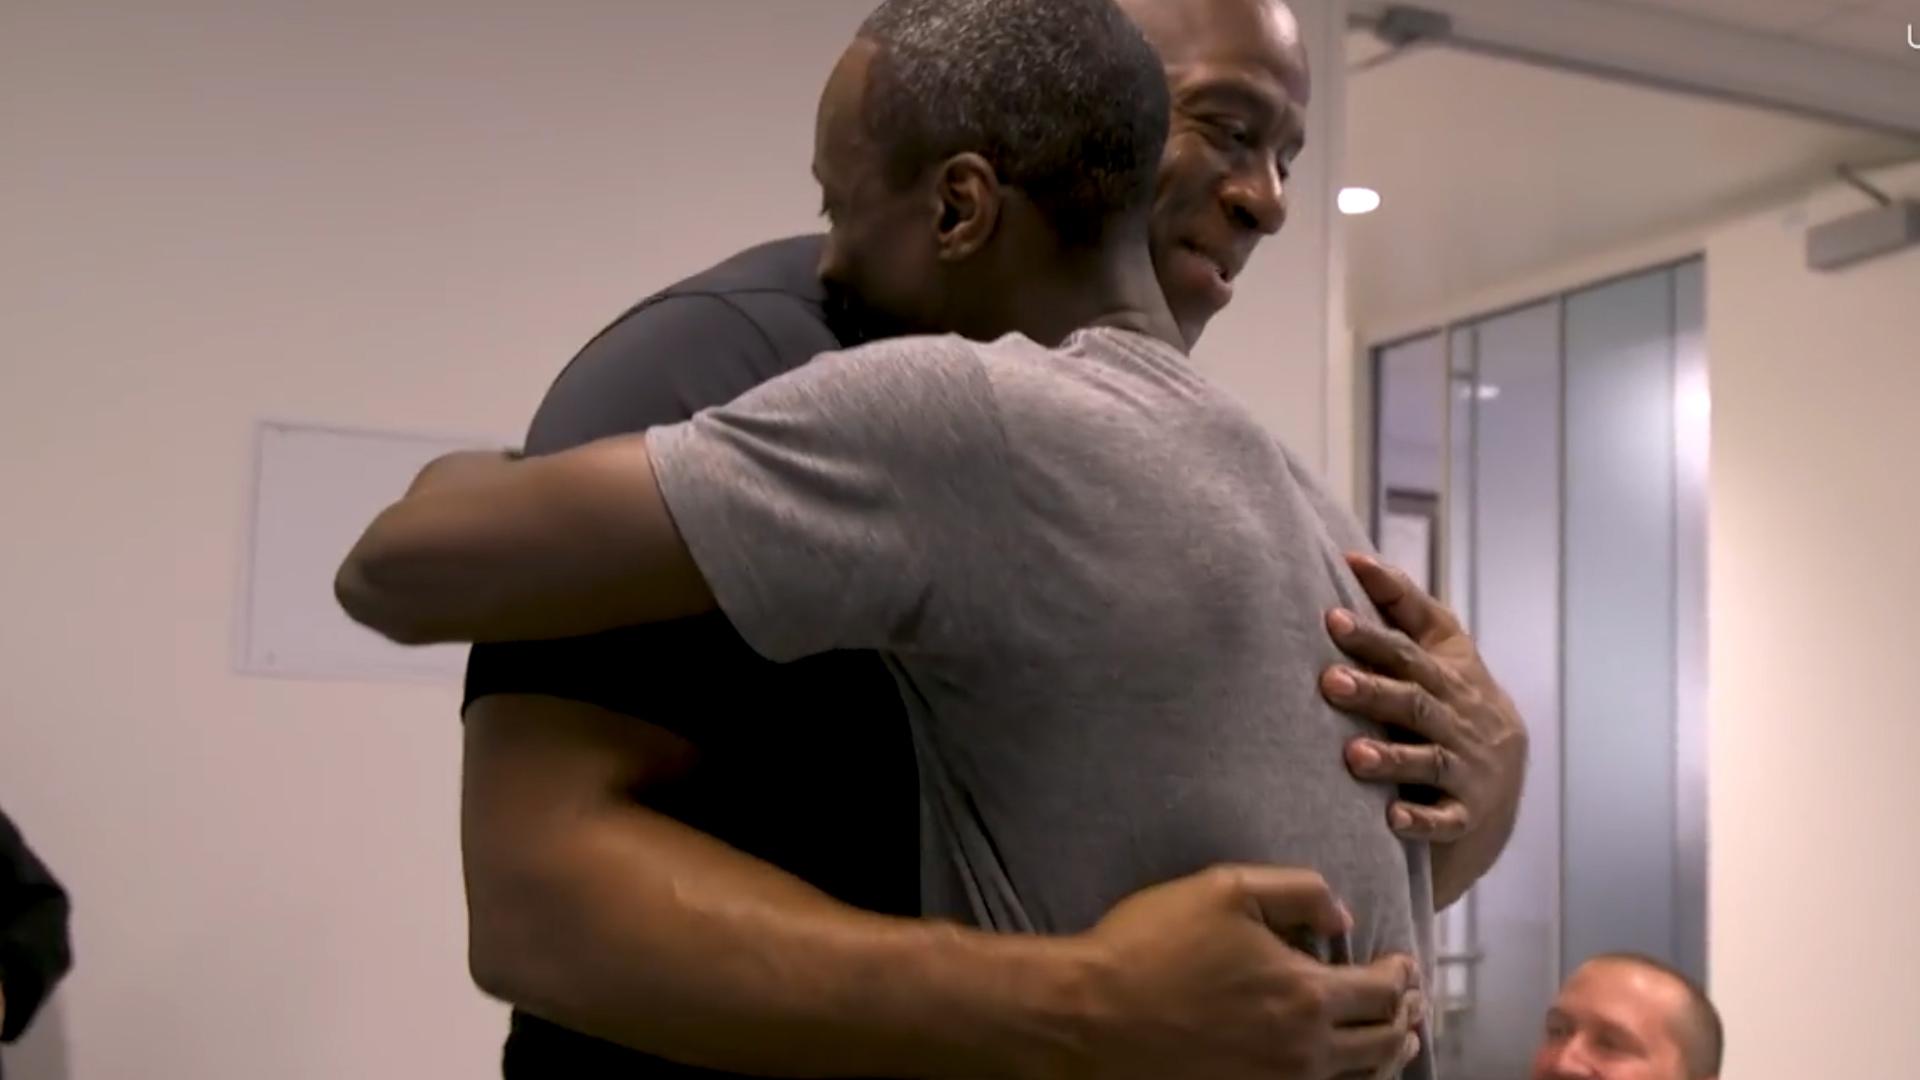 #VIDEO Debuta en la NBA con 32 años de edad